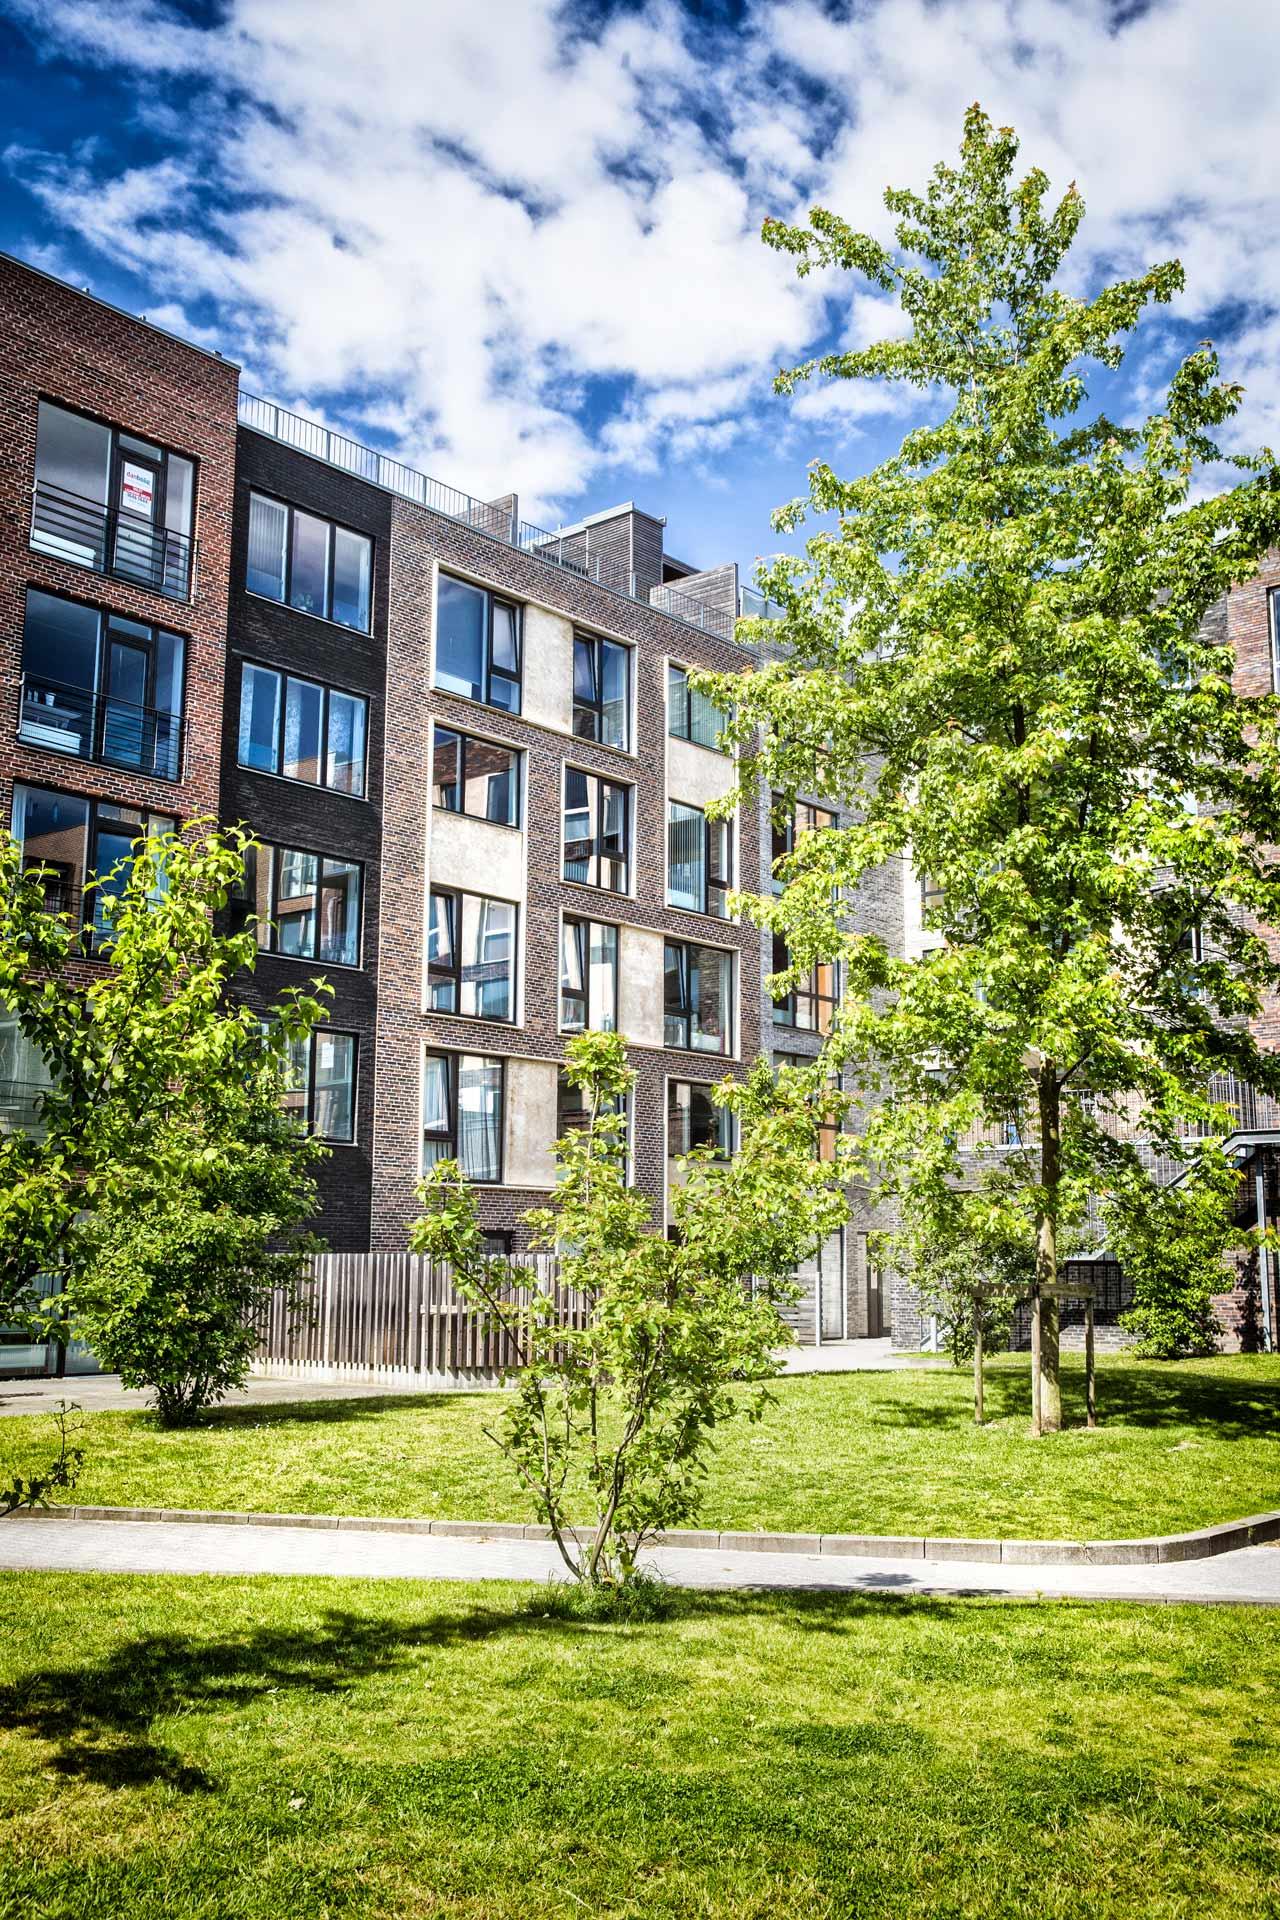 Sluseholmen, altan, kanalby, København, arkitekturfotograf, tagterrasse, lejelighed